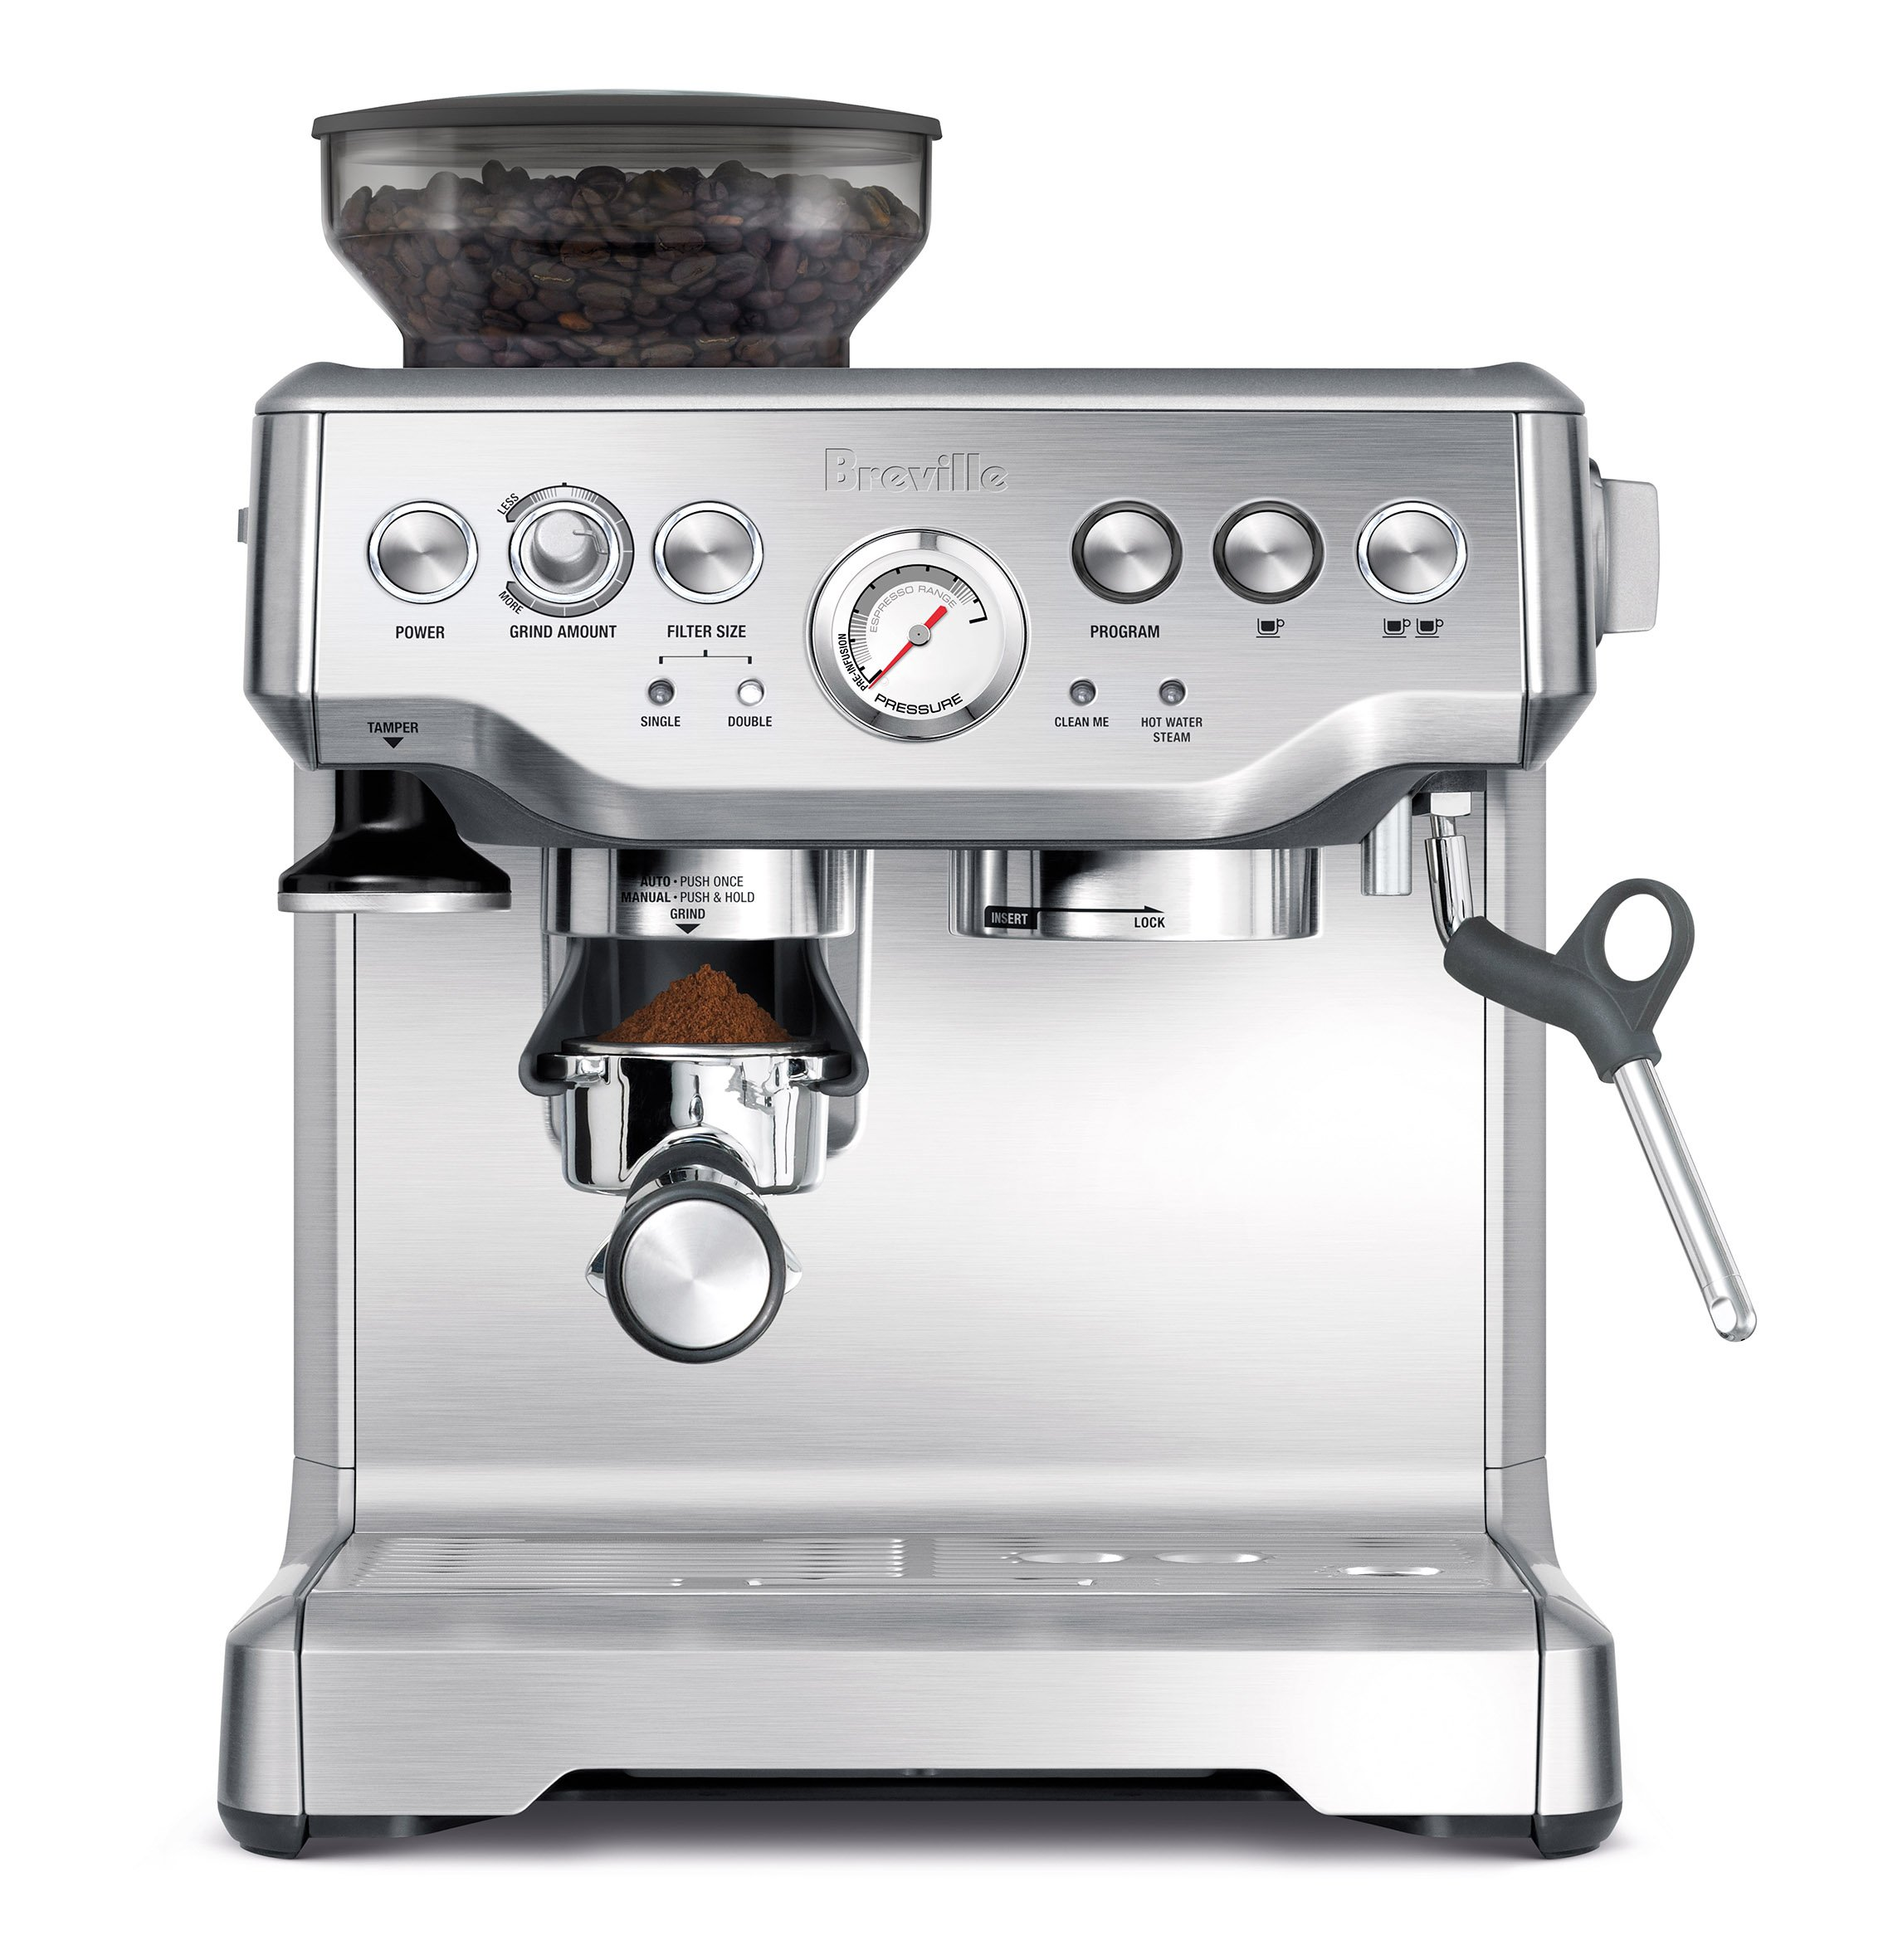 Breville BES870XL Barista Express Espresso Machine by Breville